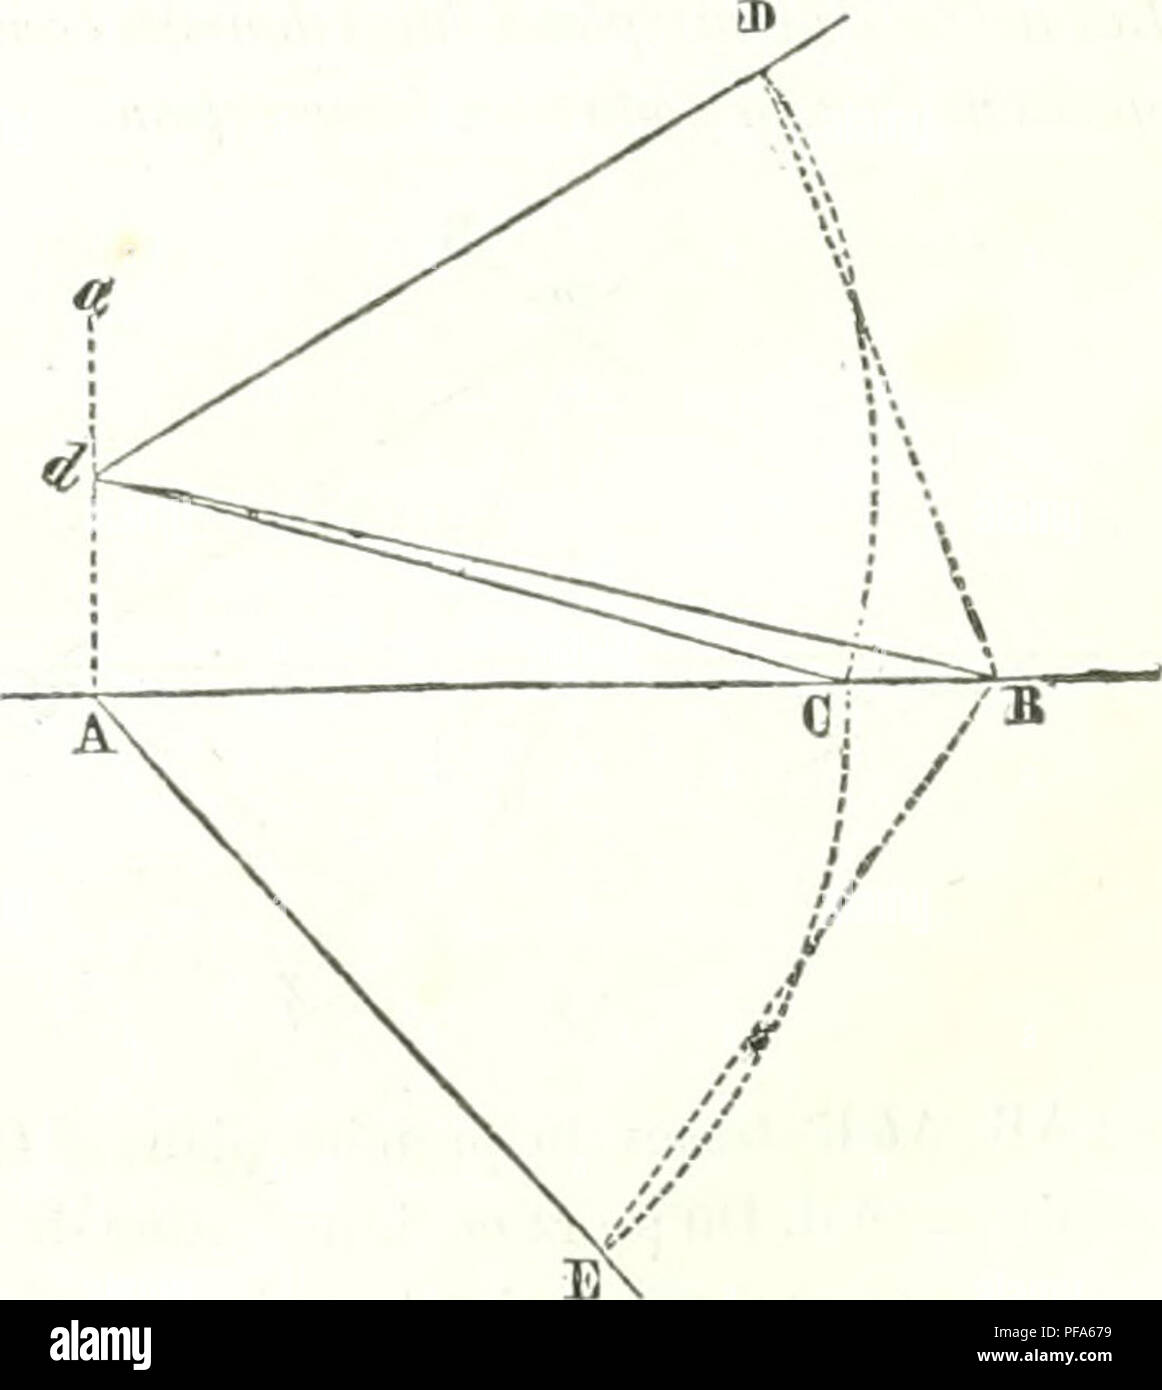 . Dictionnaire des sciences mathématiques purs et appliquées. Les mathématiques; sciences. Soient AC et AB les projections horizontales et ac et ab les projections verticales. Parle procédé du N°8, déterminons d'abord les traces horizontales E et D des deux droites et menons DE. Cette droite sera la base d'uu les dout triangle partiesdes droites proposées com- prises entre leurs traces et leur point de rencontre, seront les autres cÃ'tés. 11 ne s'agit donc que de déter- miner les longueurs de ces parties , pour pouvoir cons- truire le triangle et conséquemment résoudre le pro- blùmc. Ou, Photo Stock